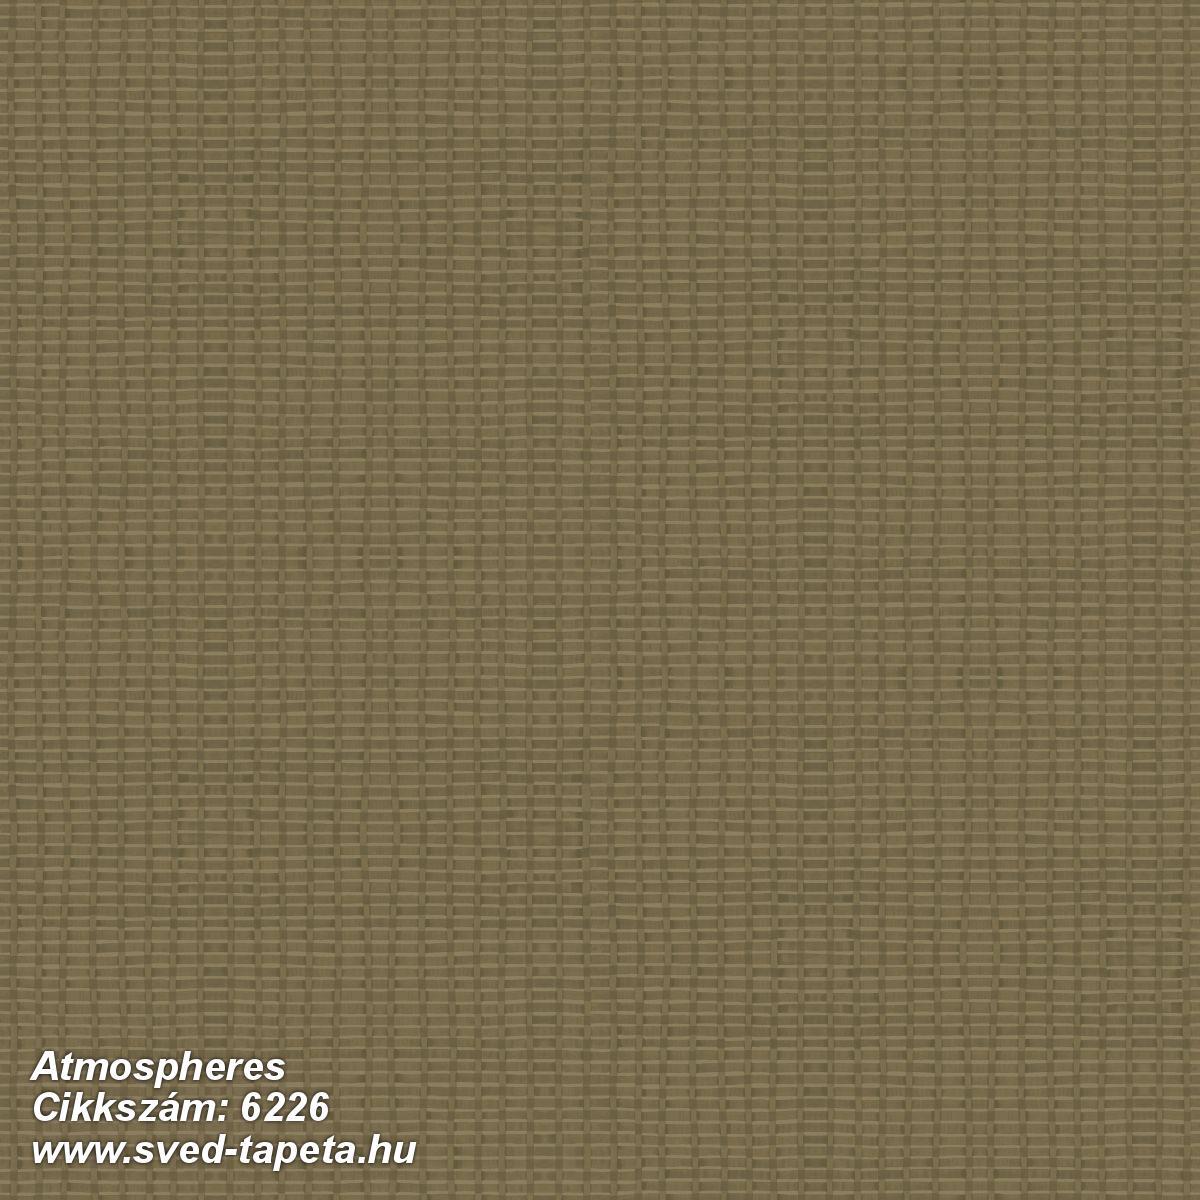 Atmospheres 6226 cikkszámú svéd ECOgyártmányú designtapéta